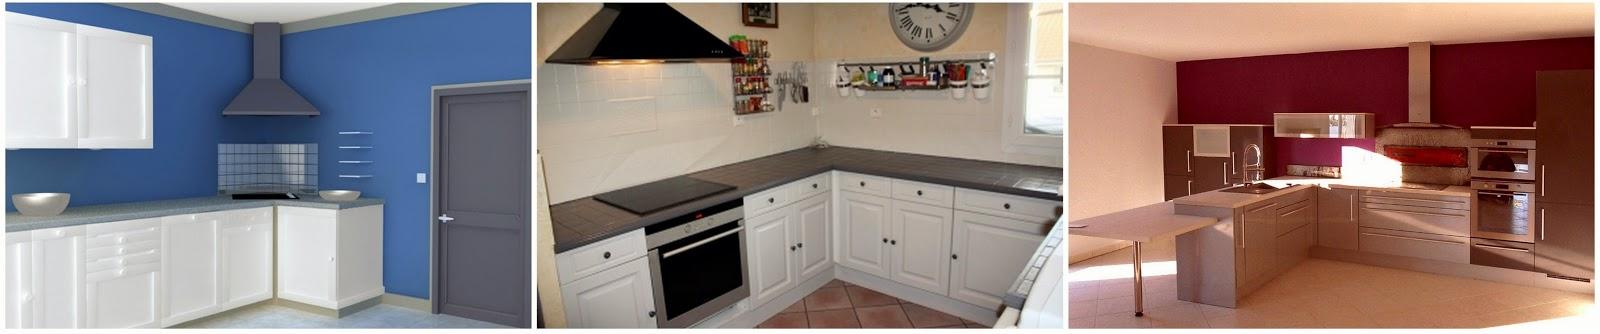 renovation travaux peintre en batiment cuisine paris entreprise de peinture paris 2eme. Black Bedroom Furniture Sets. Home Design Ideas